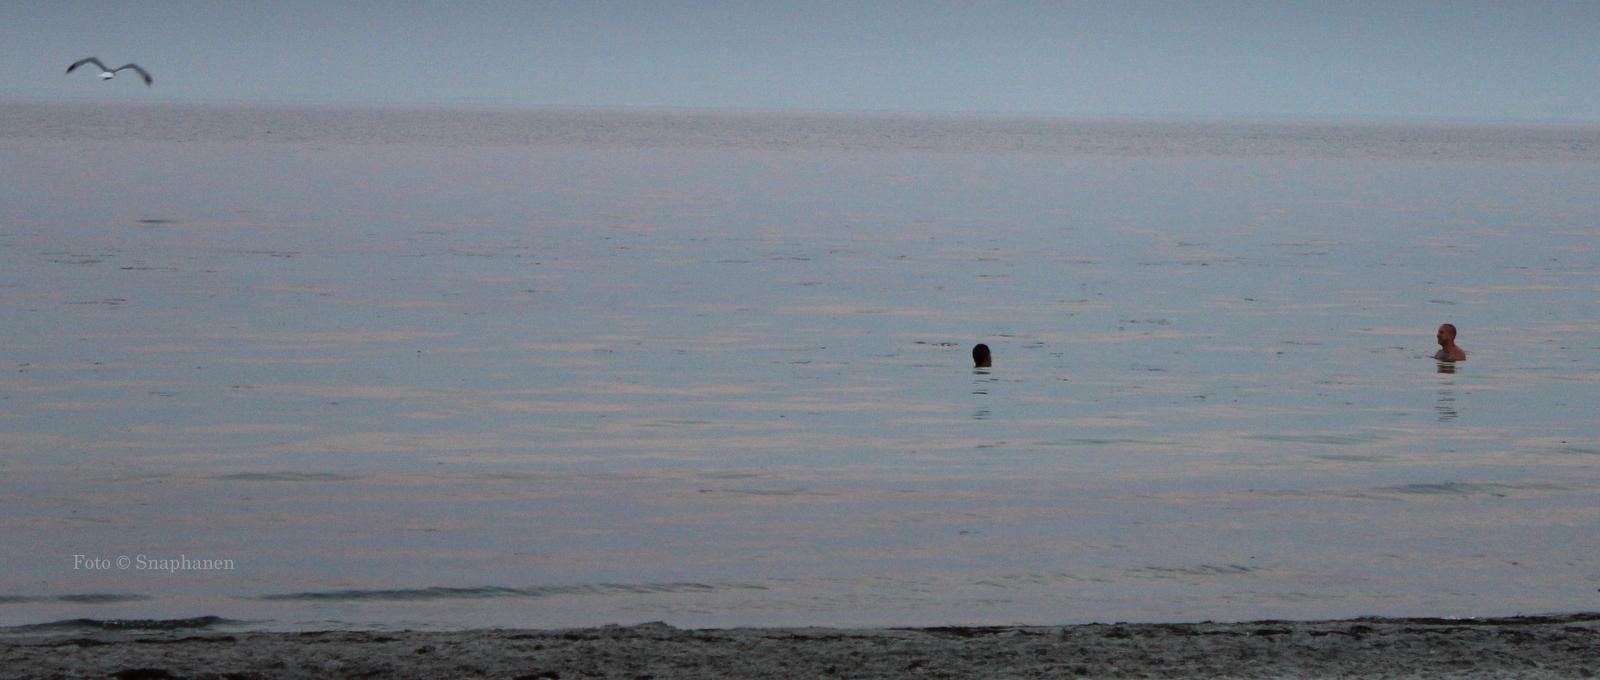 bryster på stranden nøgne kvinder bader